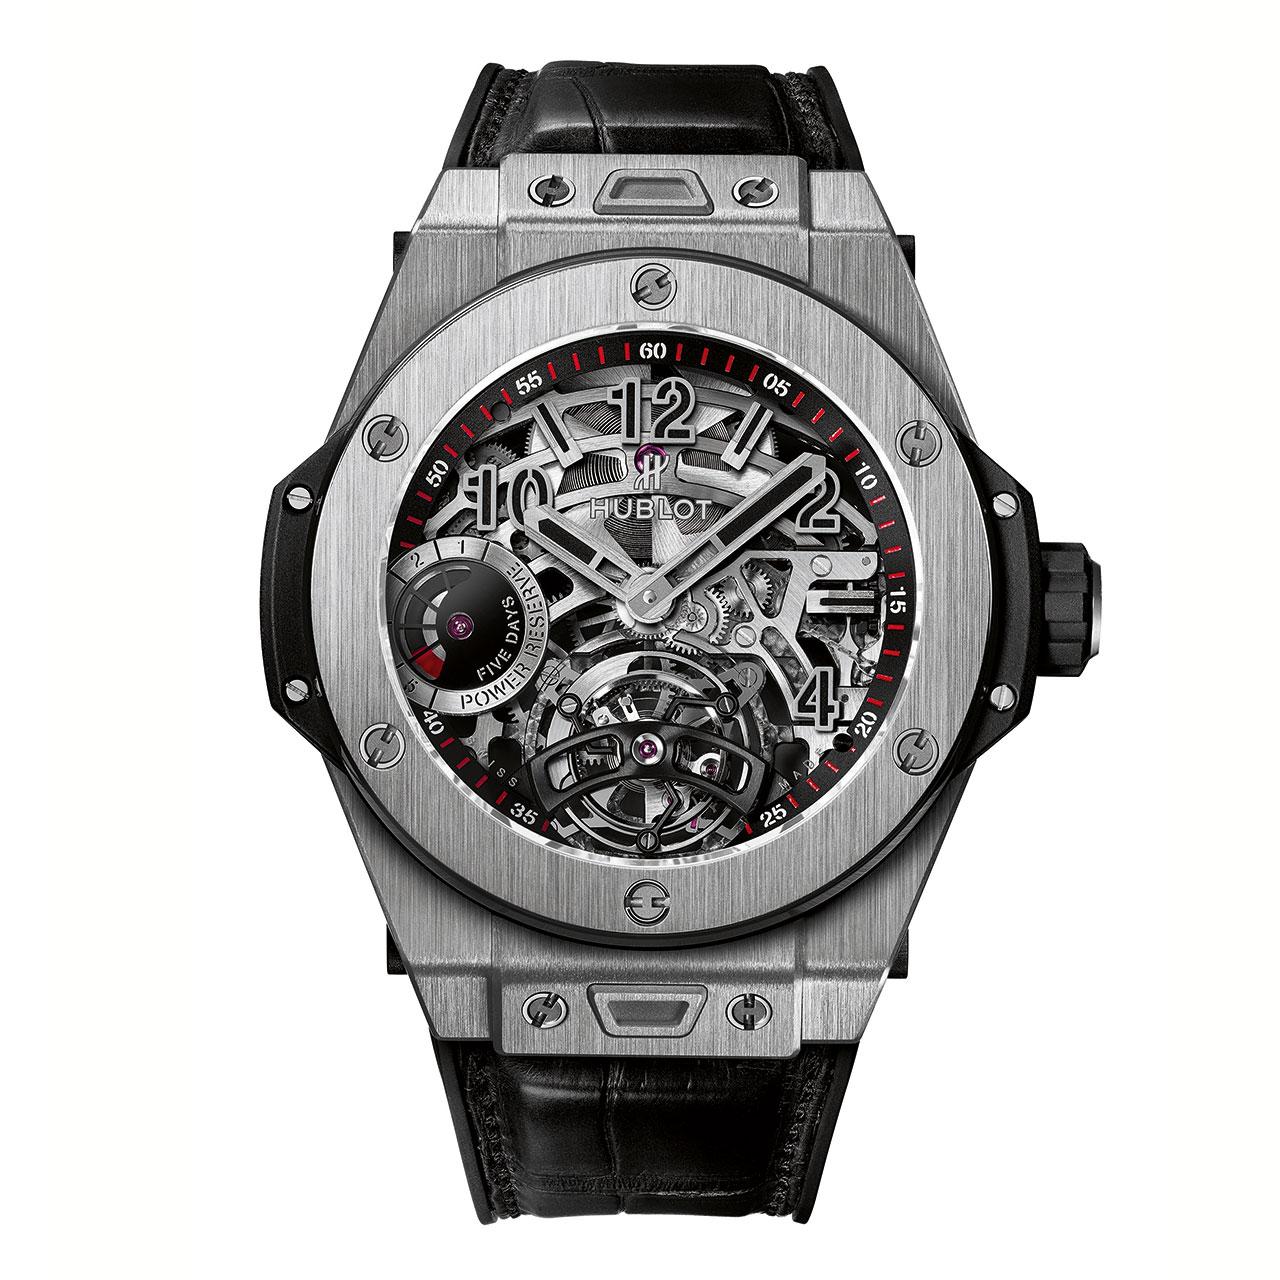 Hublot Big Bang Tourbillon Power Reserve 5-Days Indicator Mechanical Watch